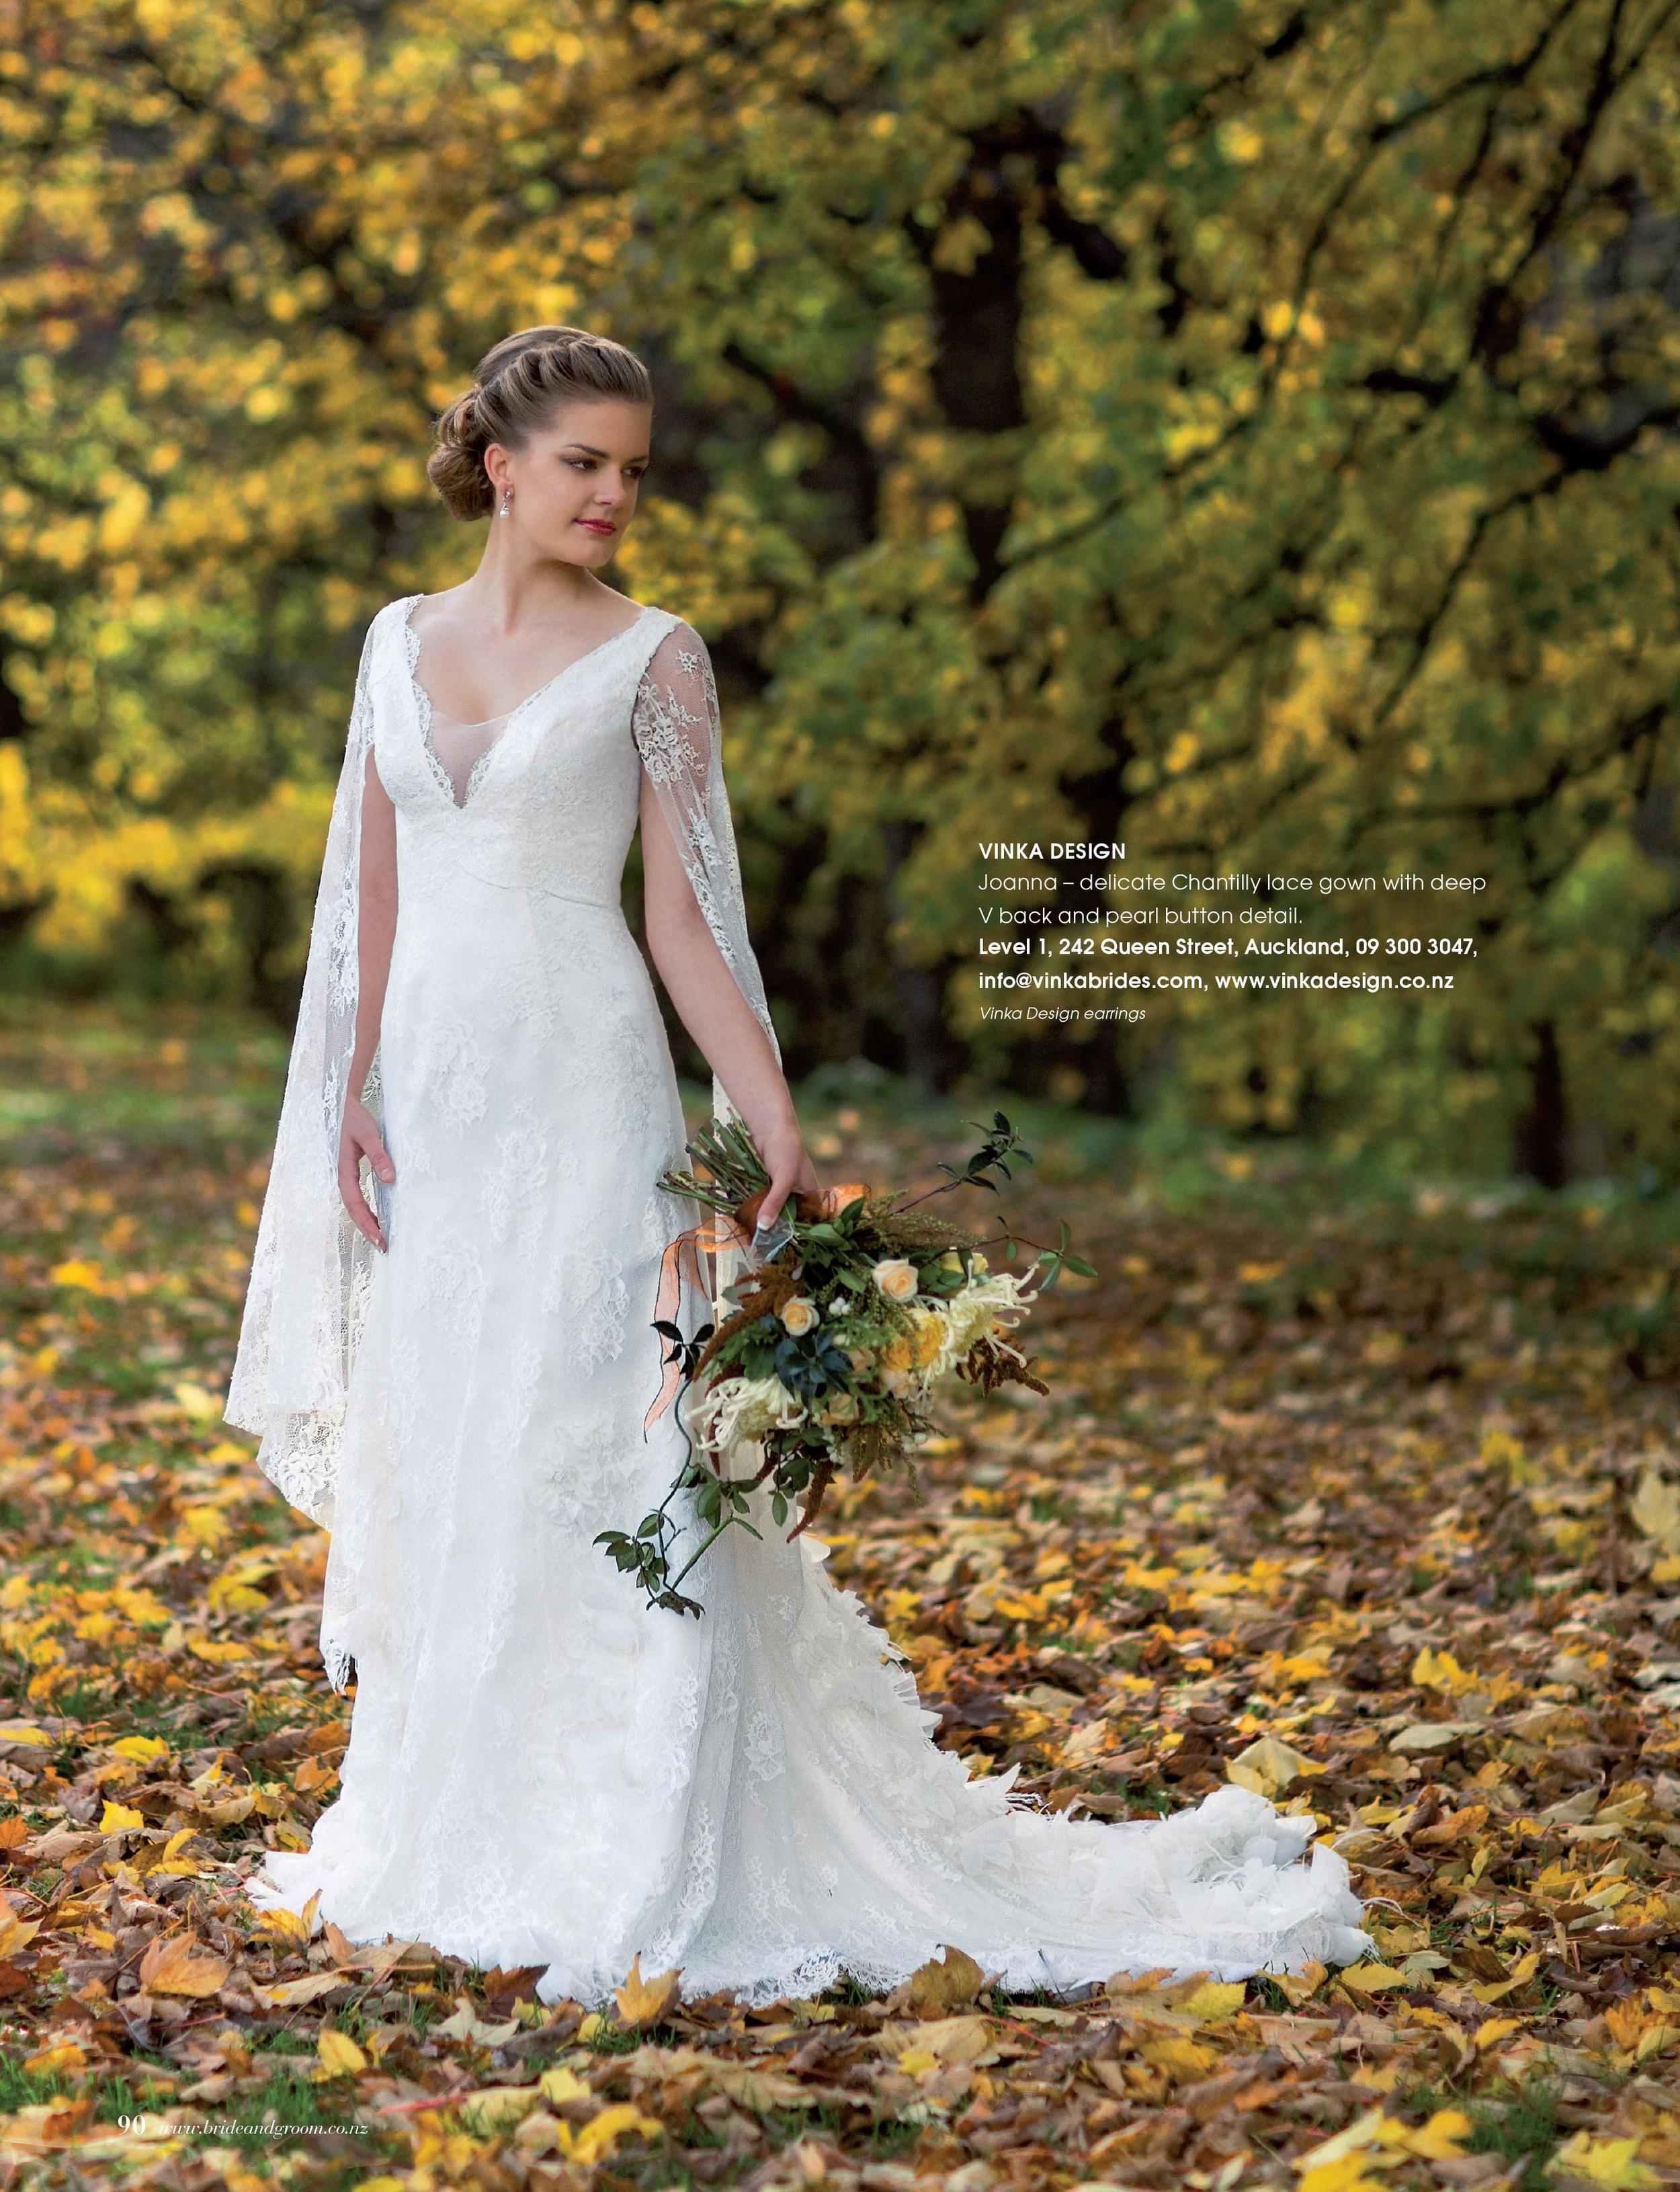 Wanaka-wedding-makeup-bride-and-groom